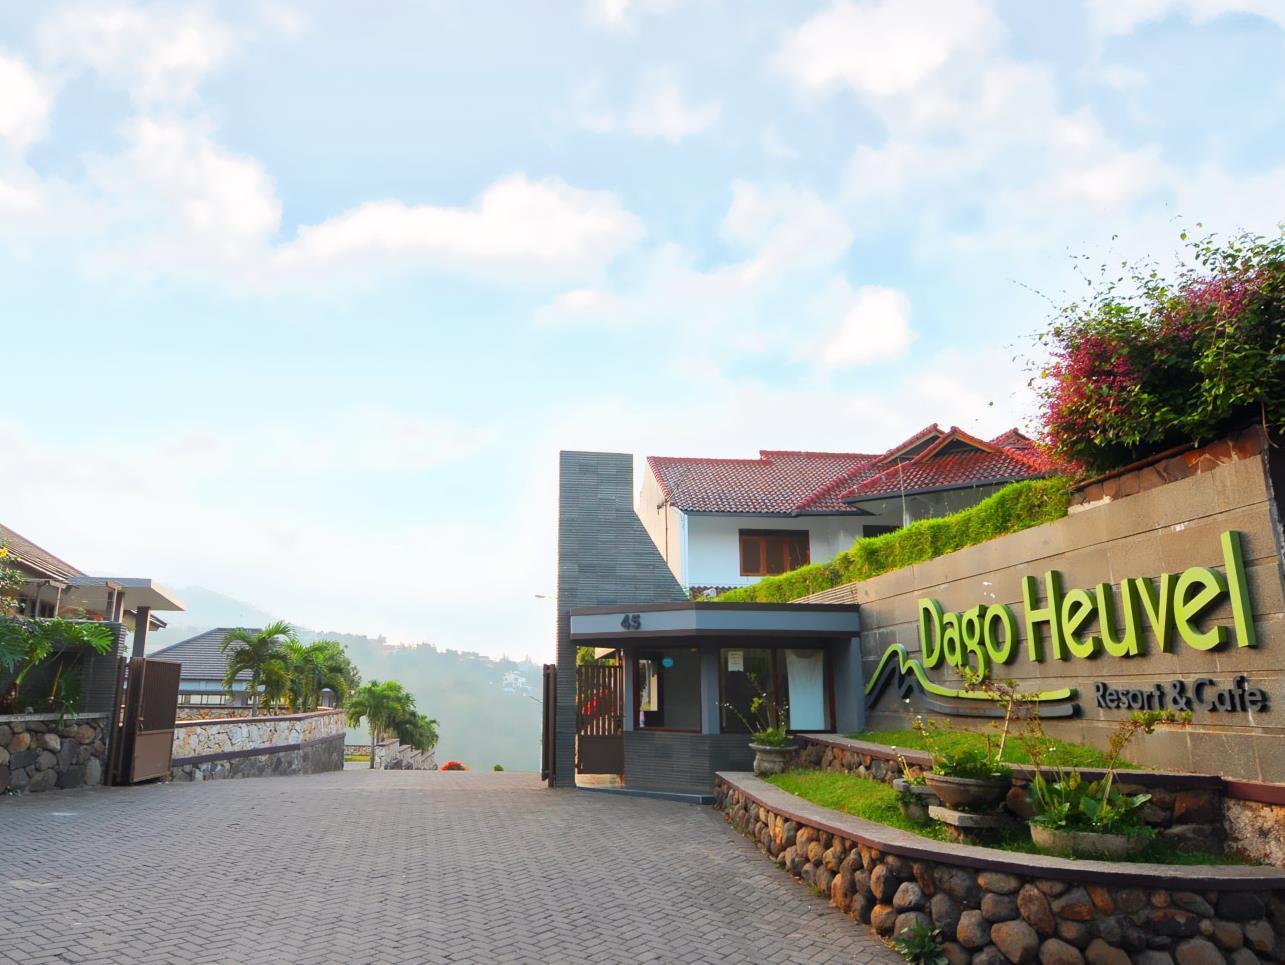 Dago Heuvel Resort